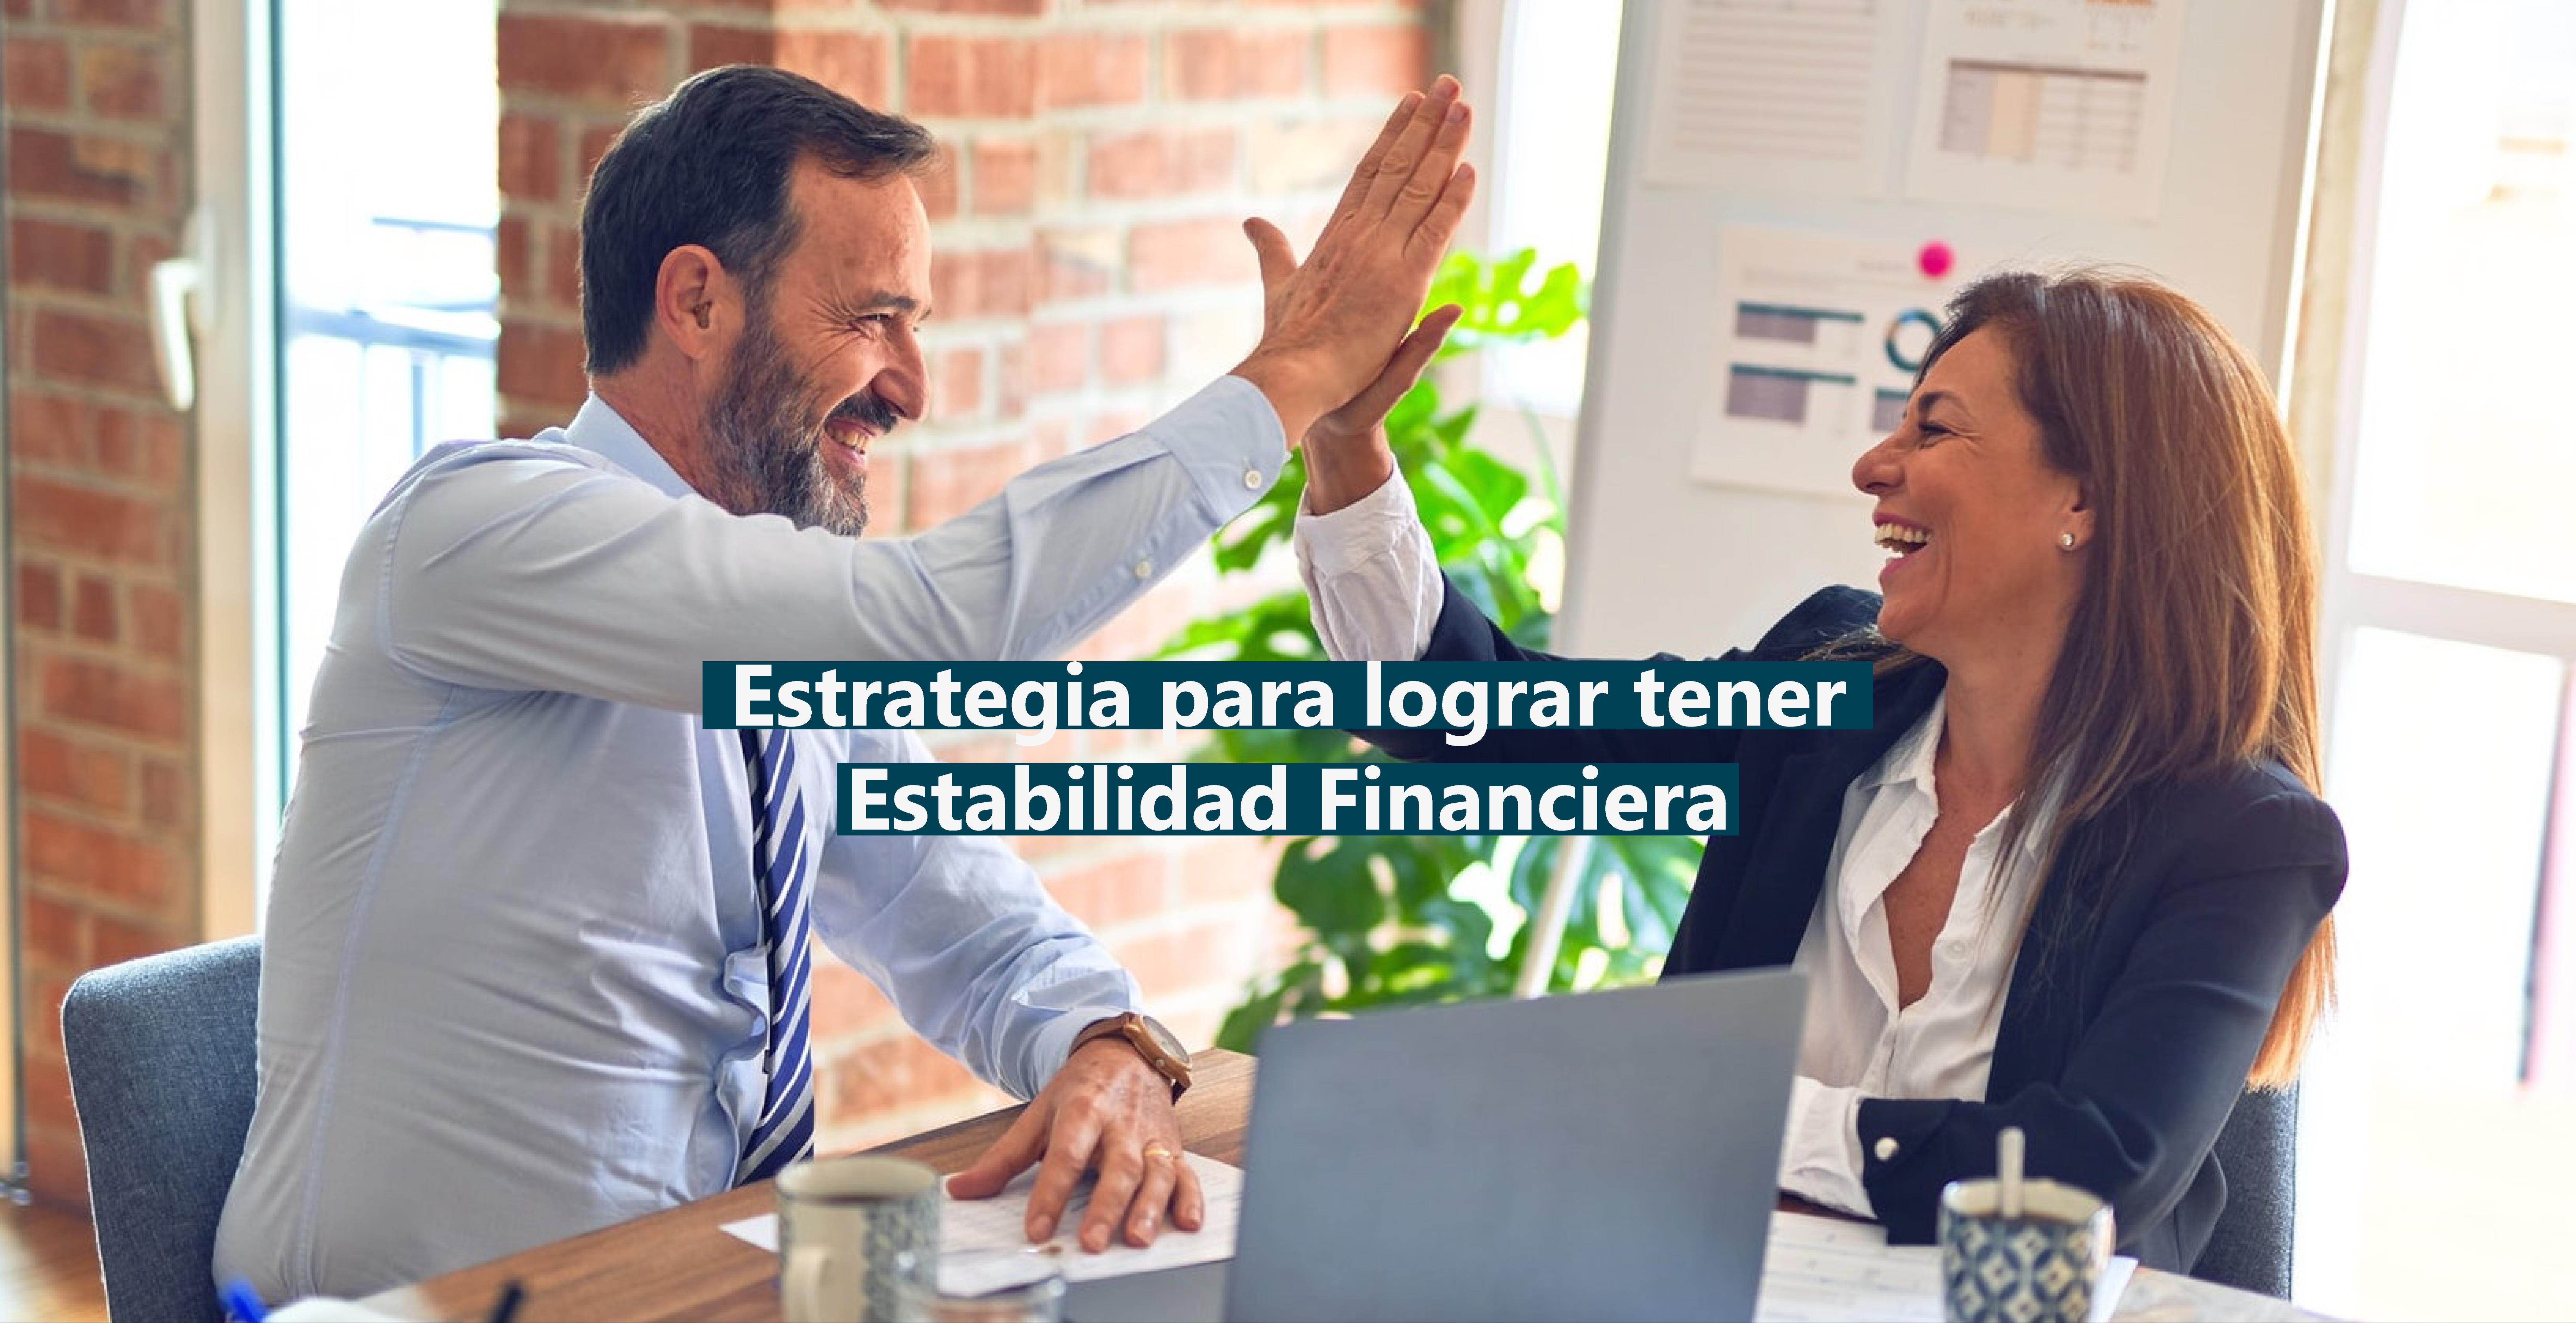 ESTABILIDAD FINANCIERA BLOG